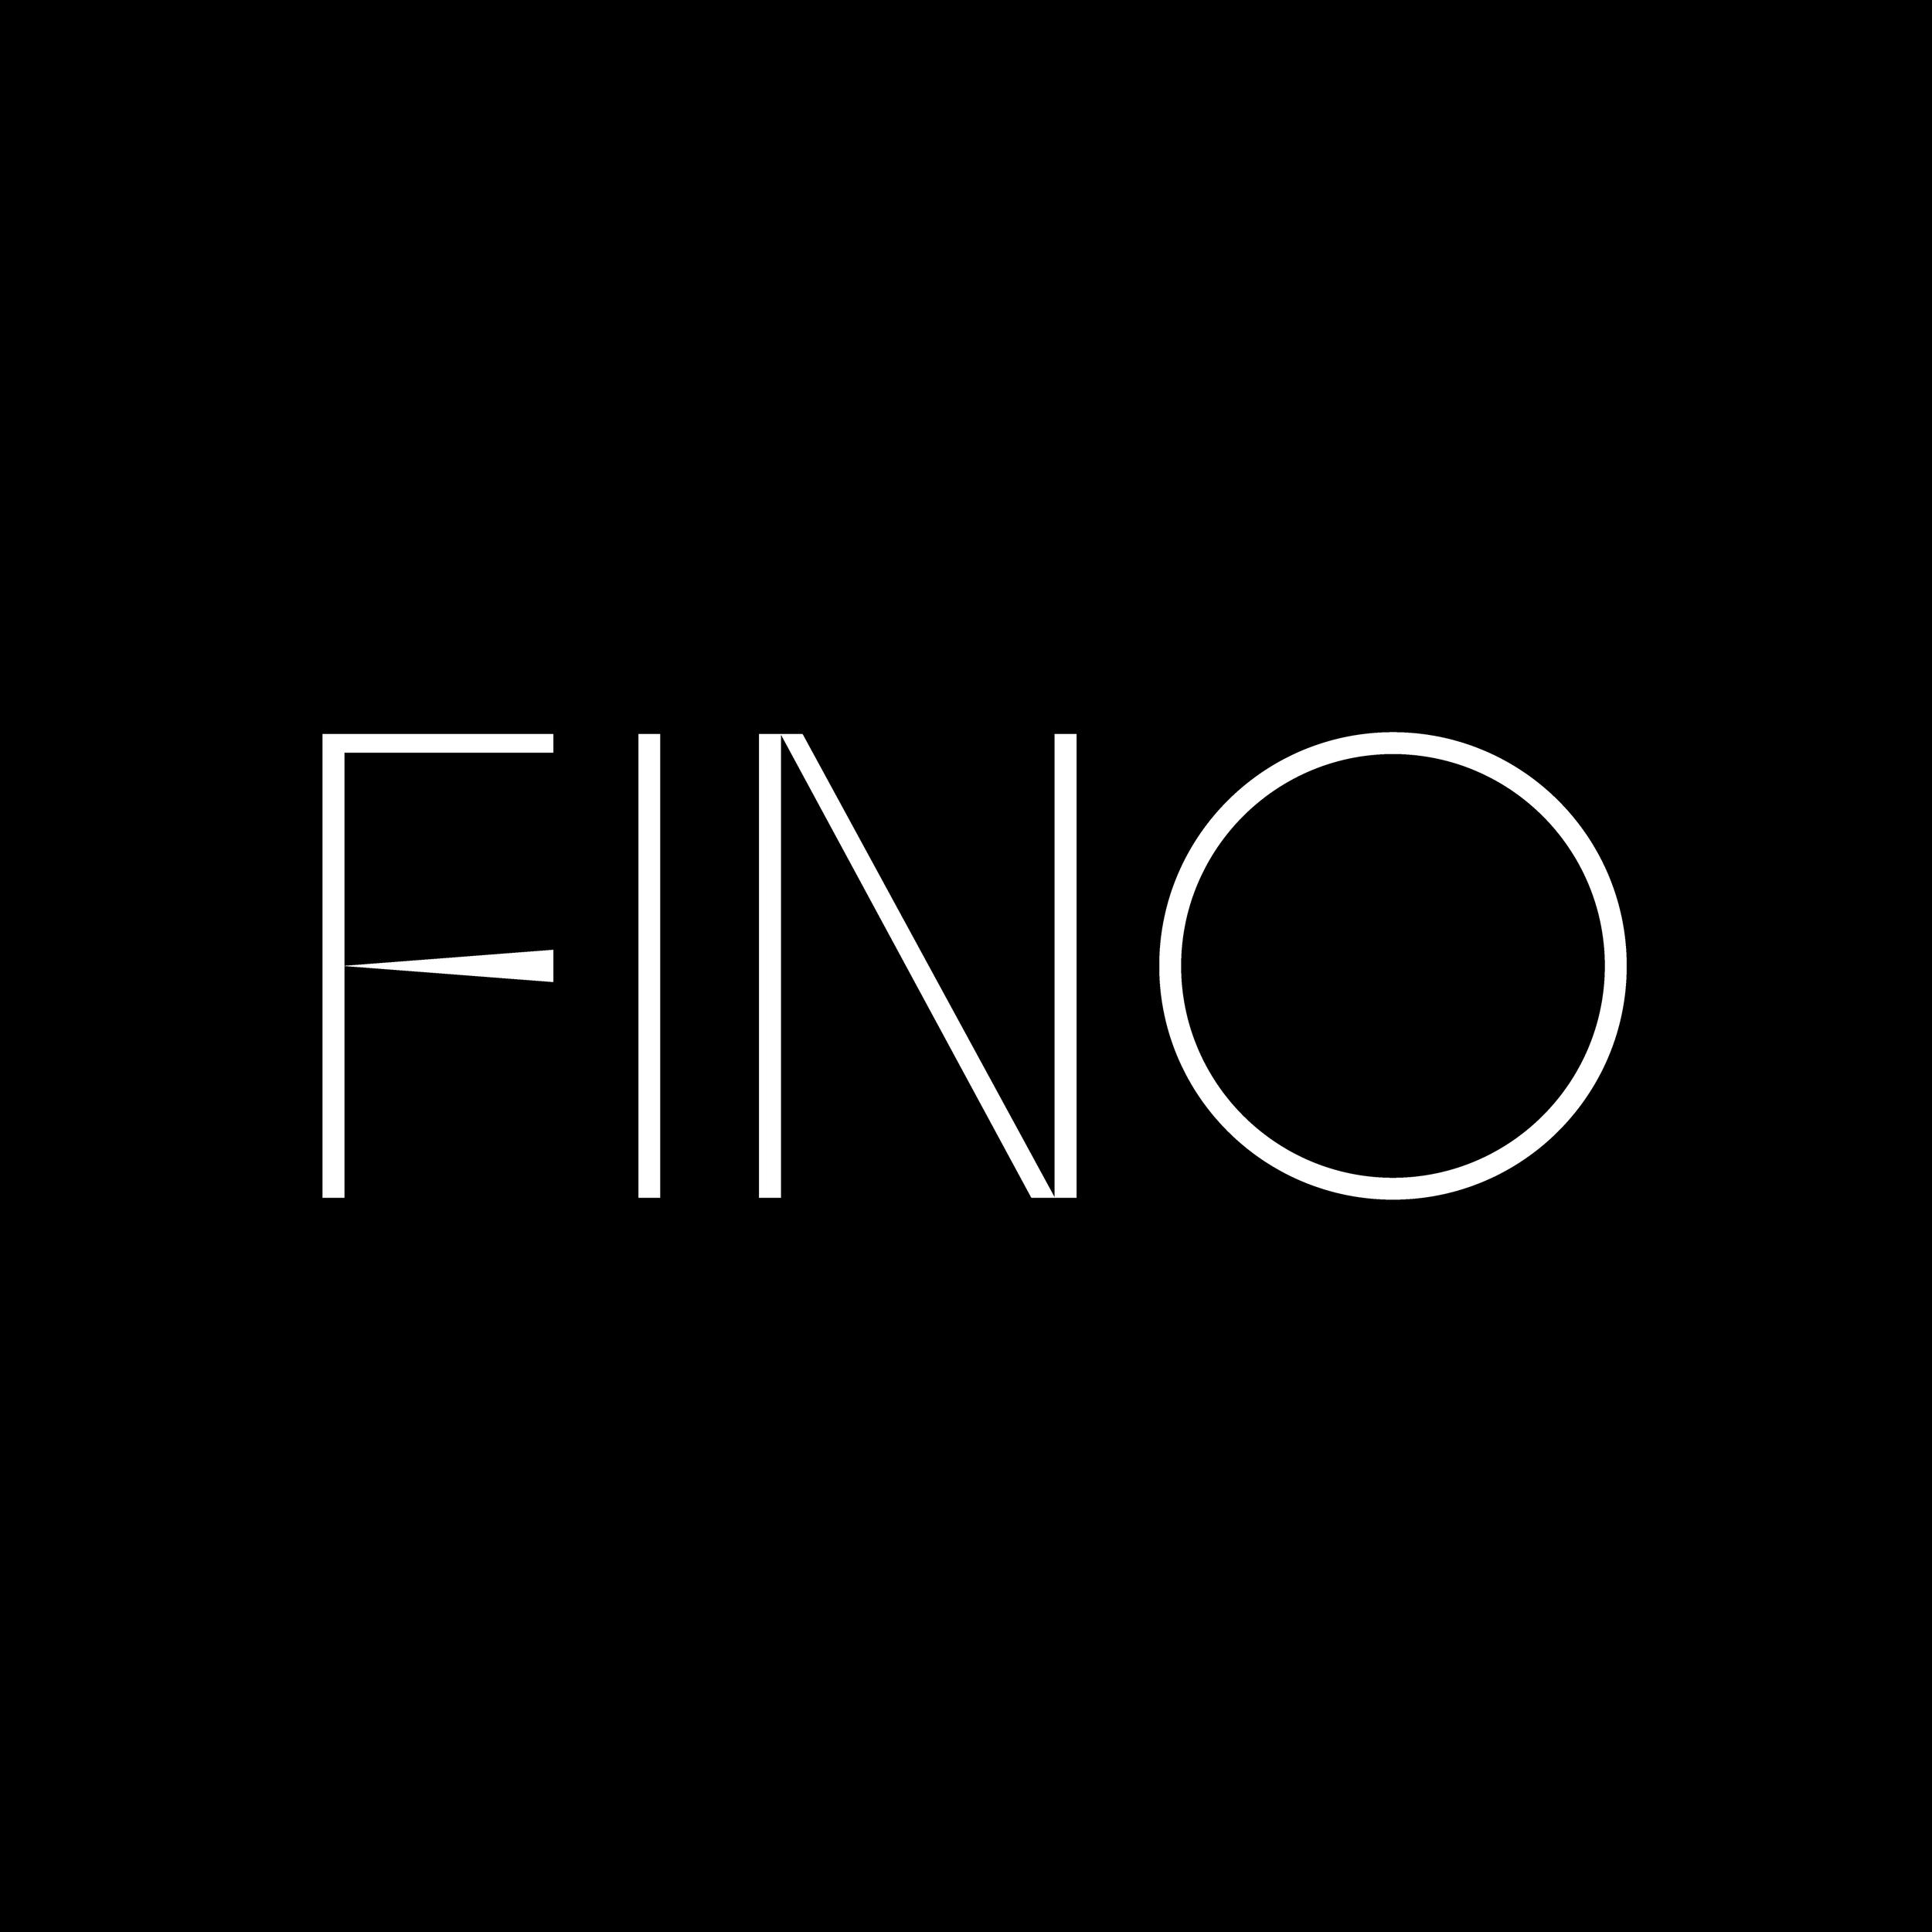 Fino · Women's Sport Watches